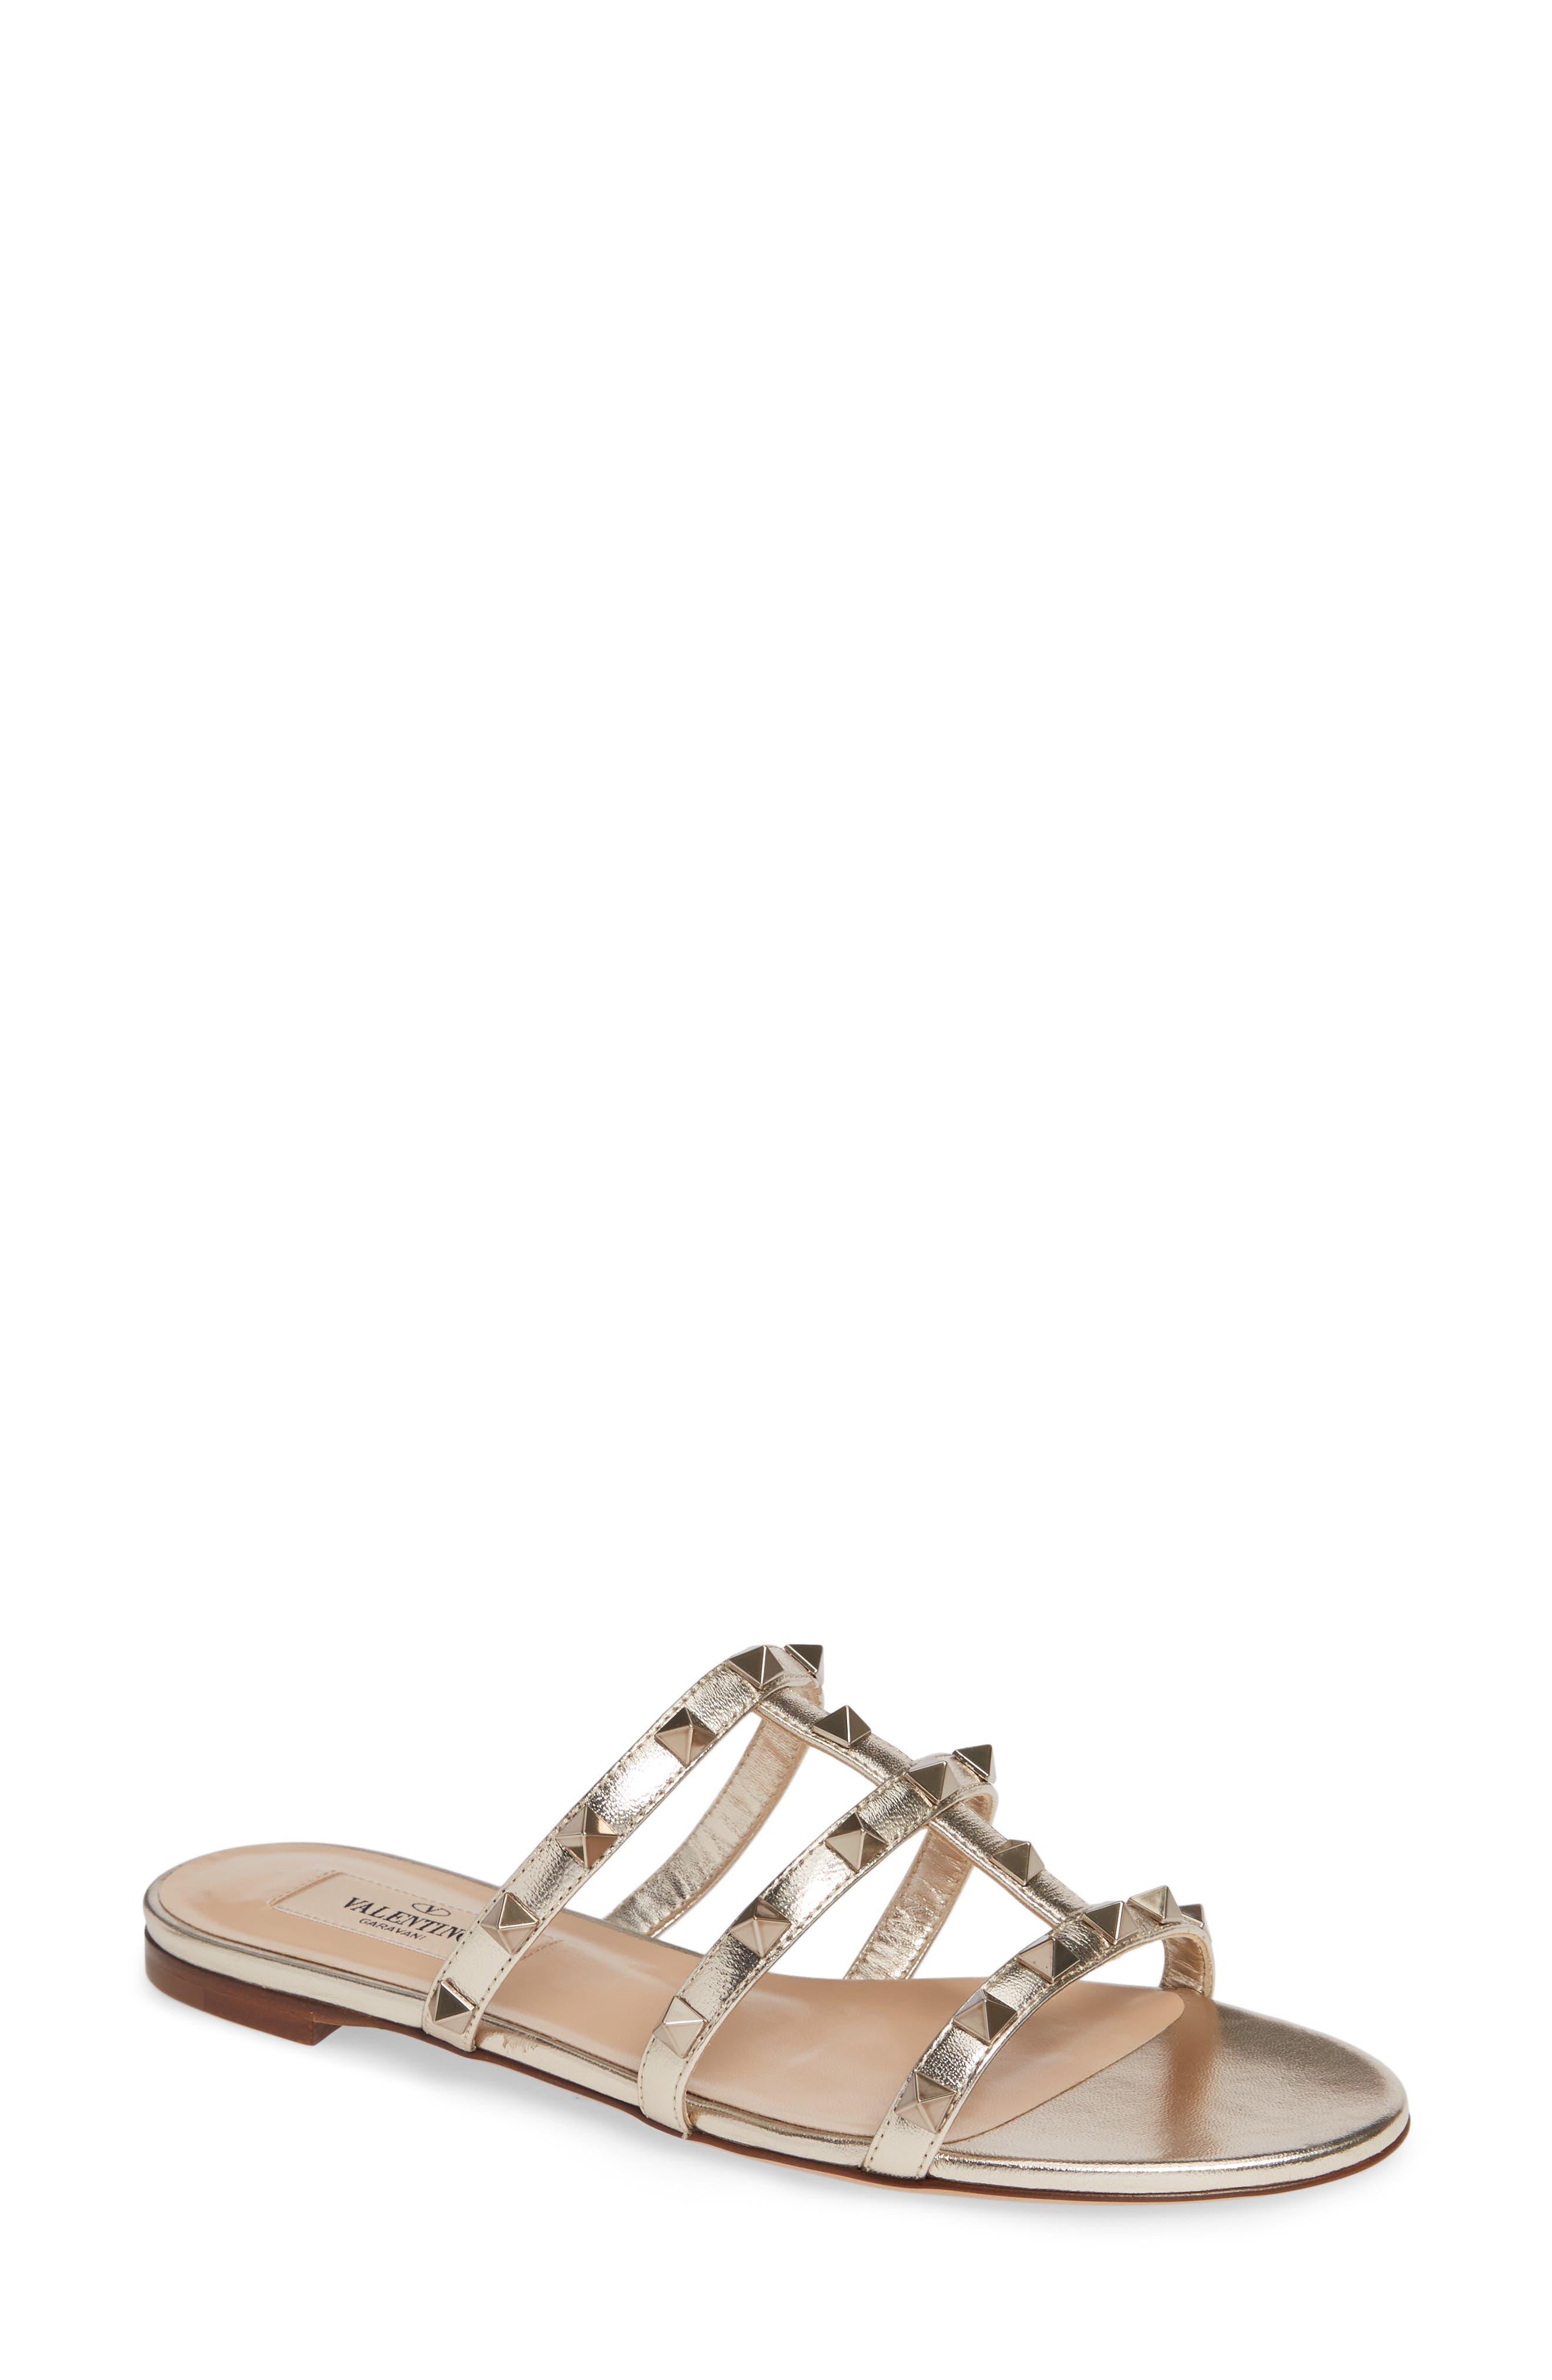 Rockstud Slide Sandal,                         Main,                         color, Skin